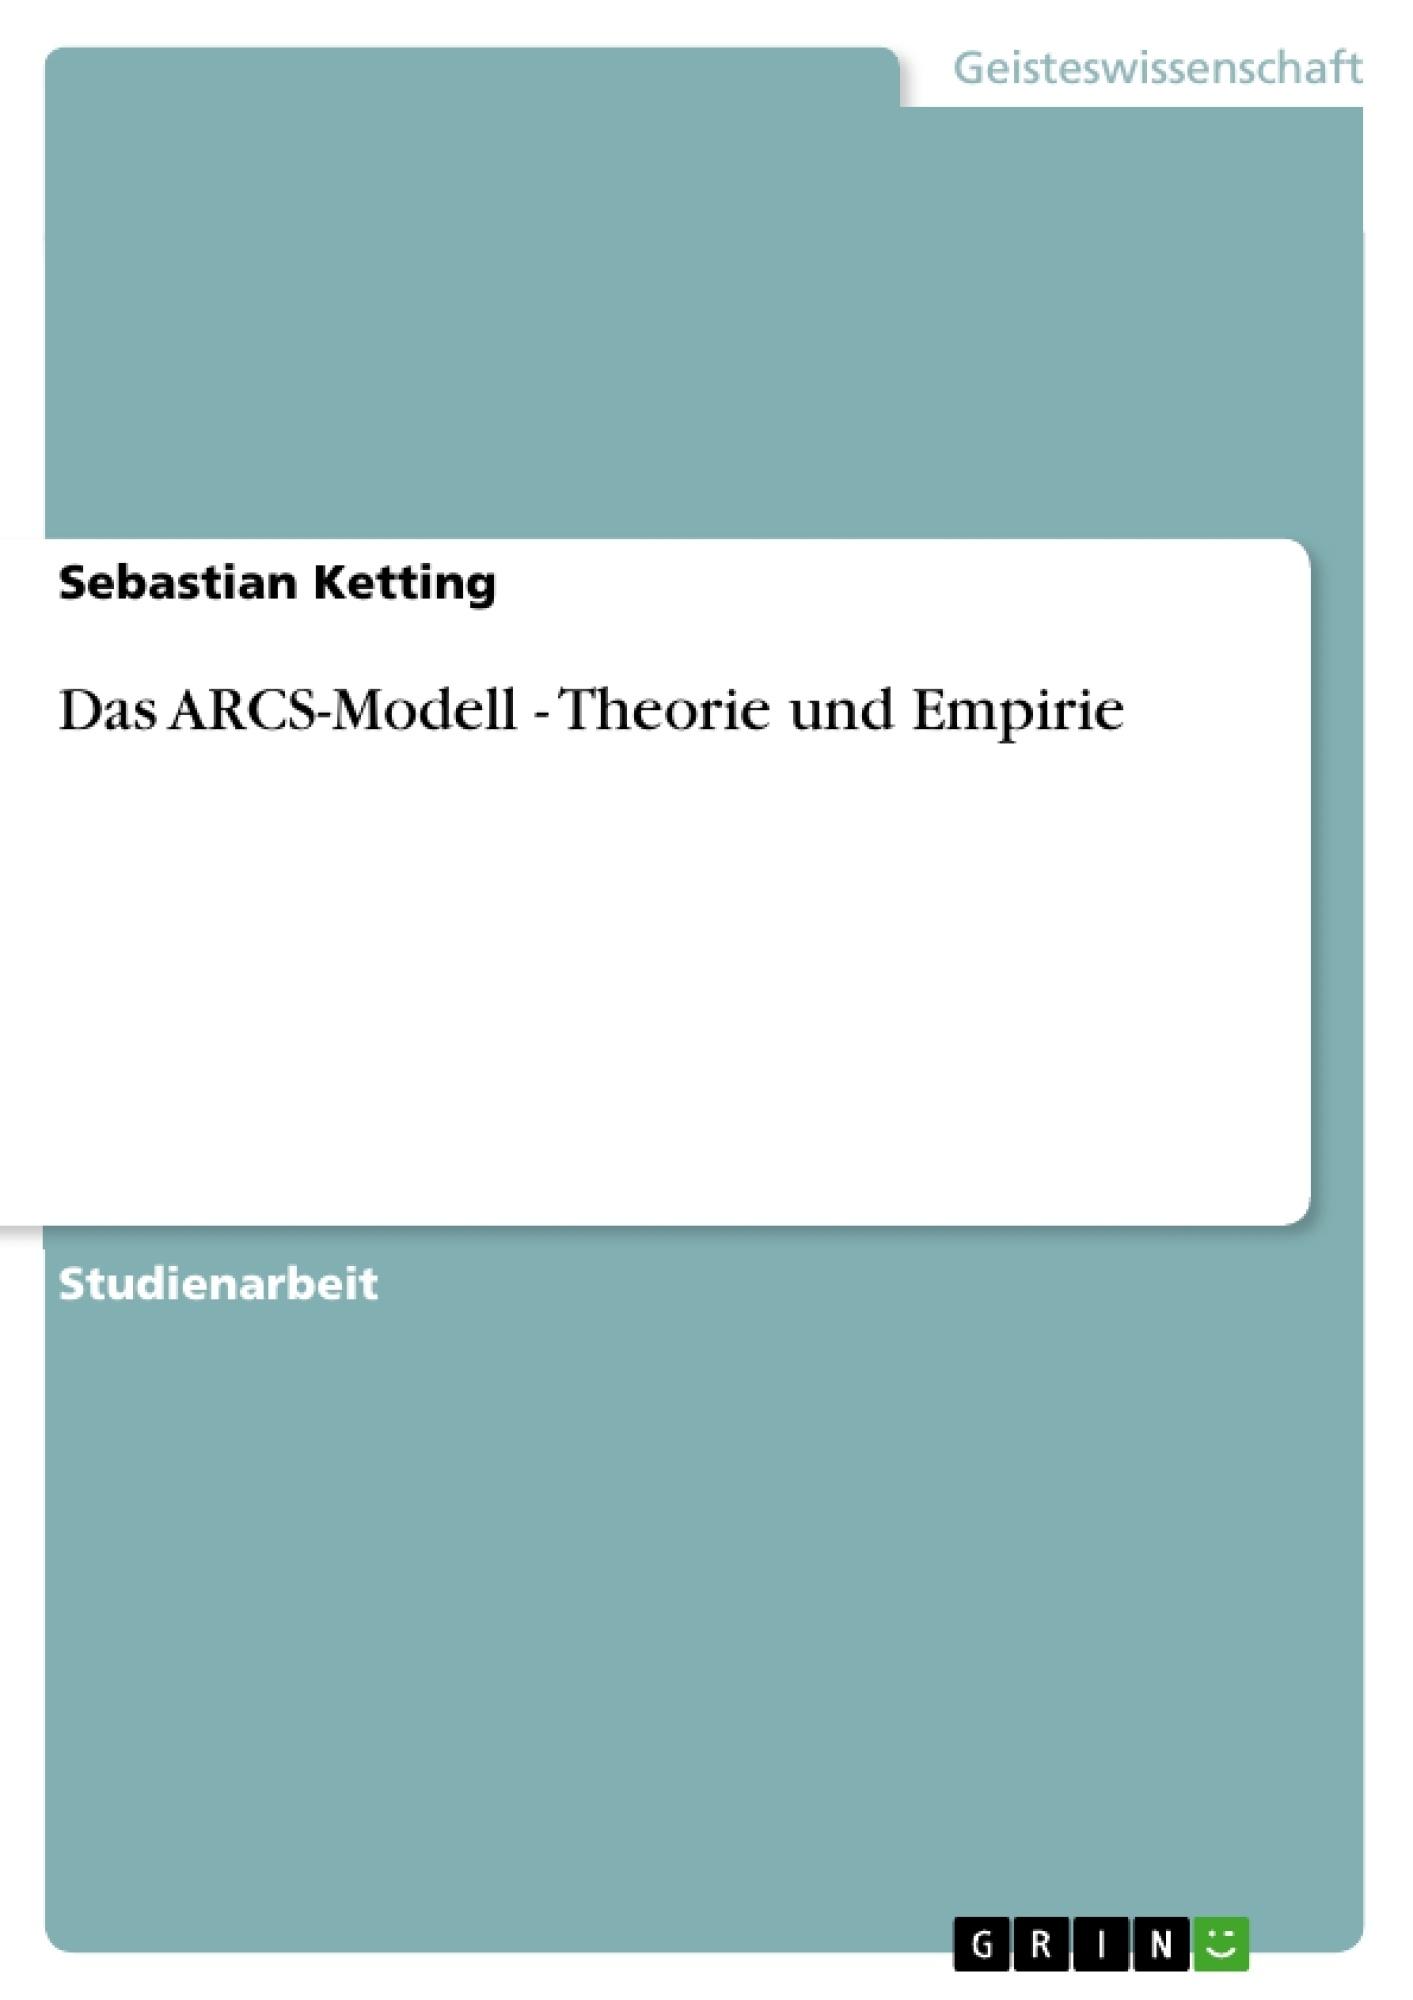 Titel: Das ARCS-Modell - Theorie und Empirie